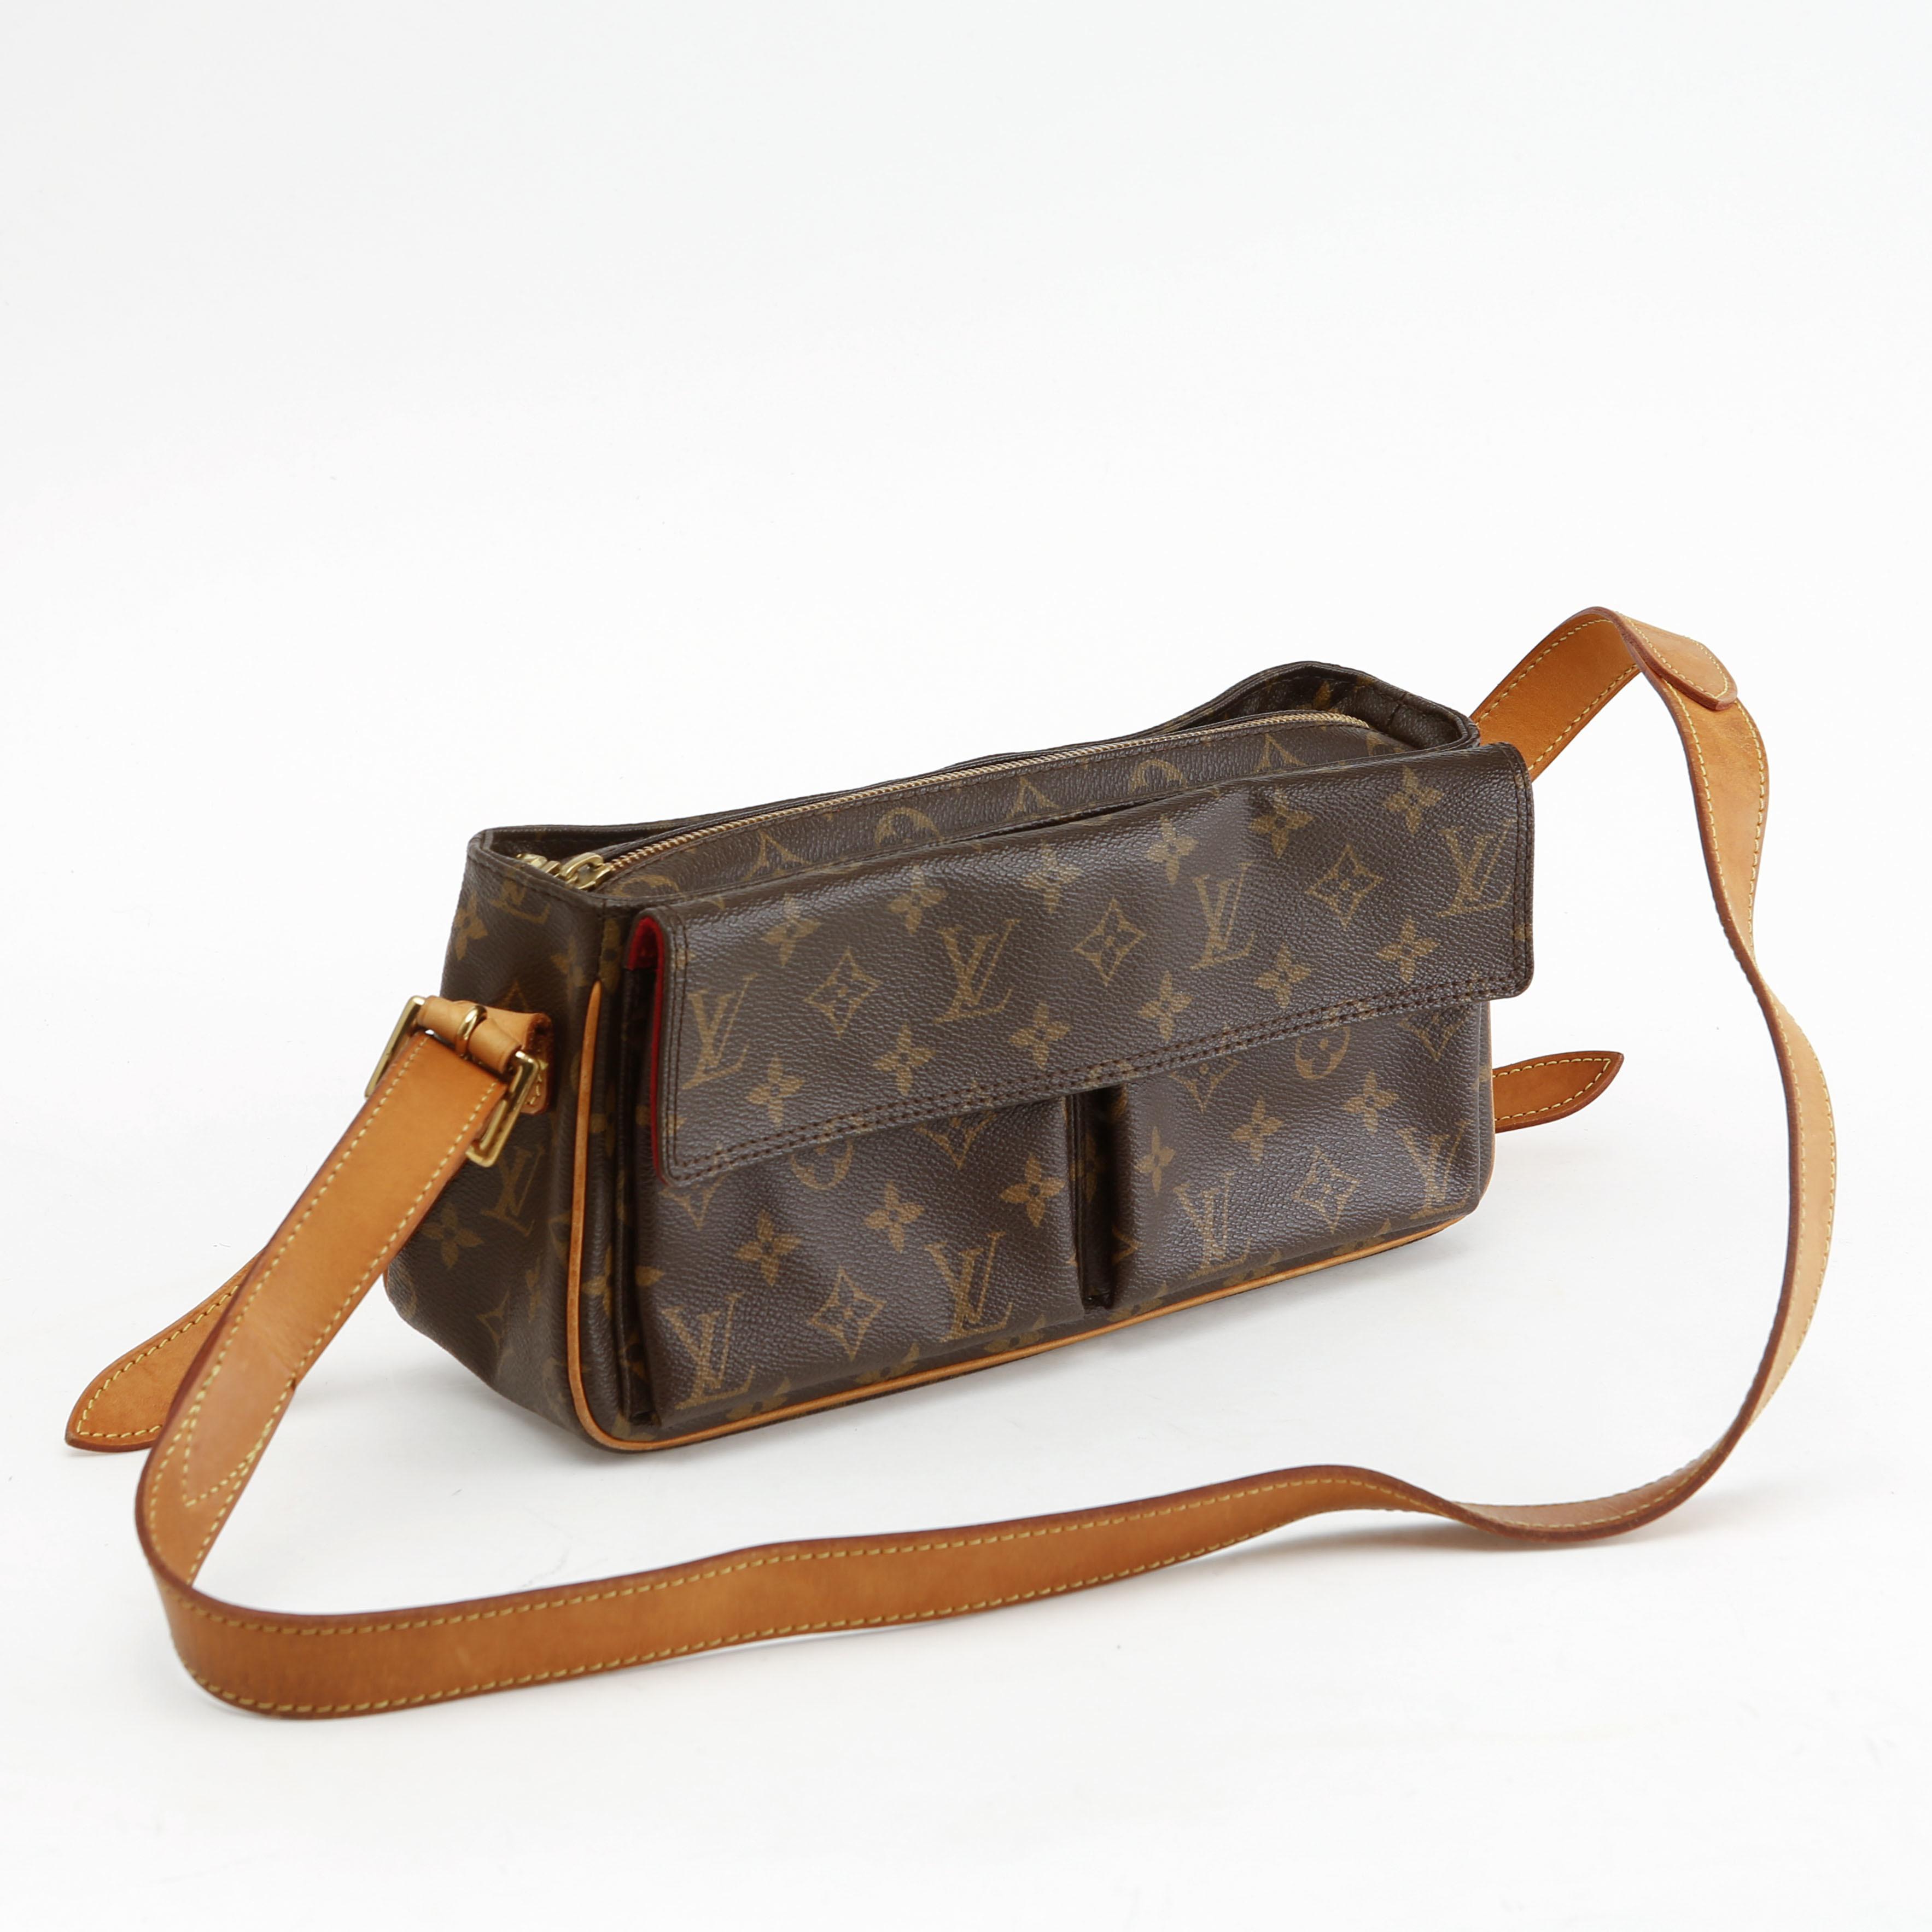 Axel Belt Bag Monogram Viva Cite Mm Louis Vuitton Vintage Clothing Accessories Auctionet